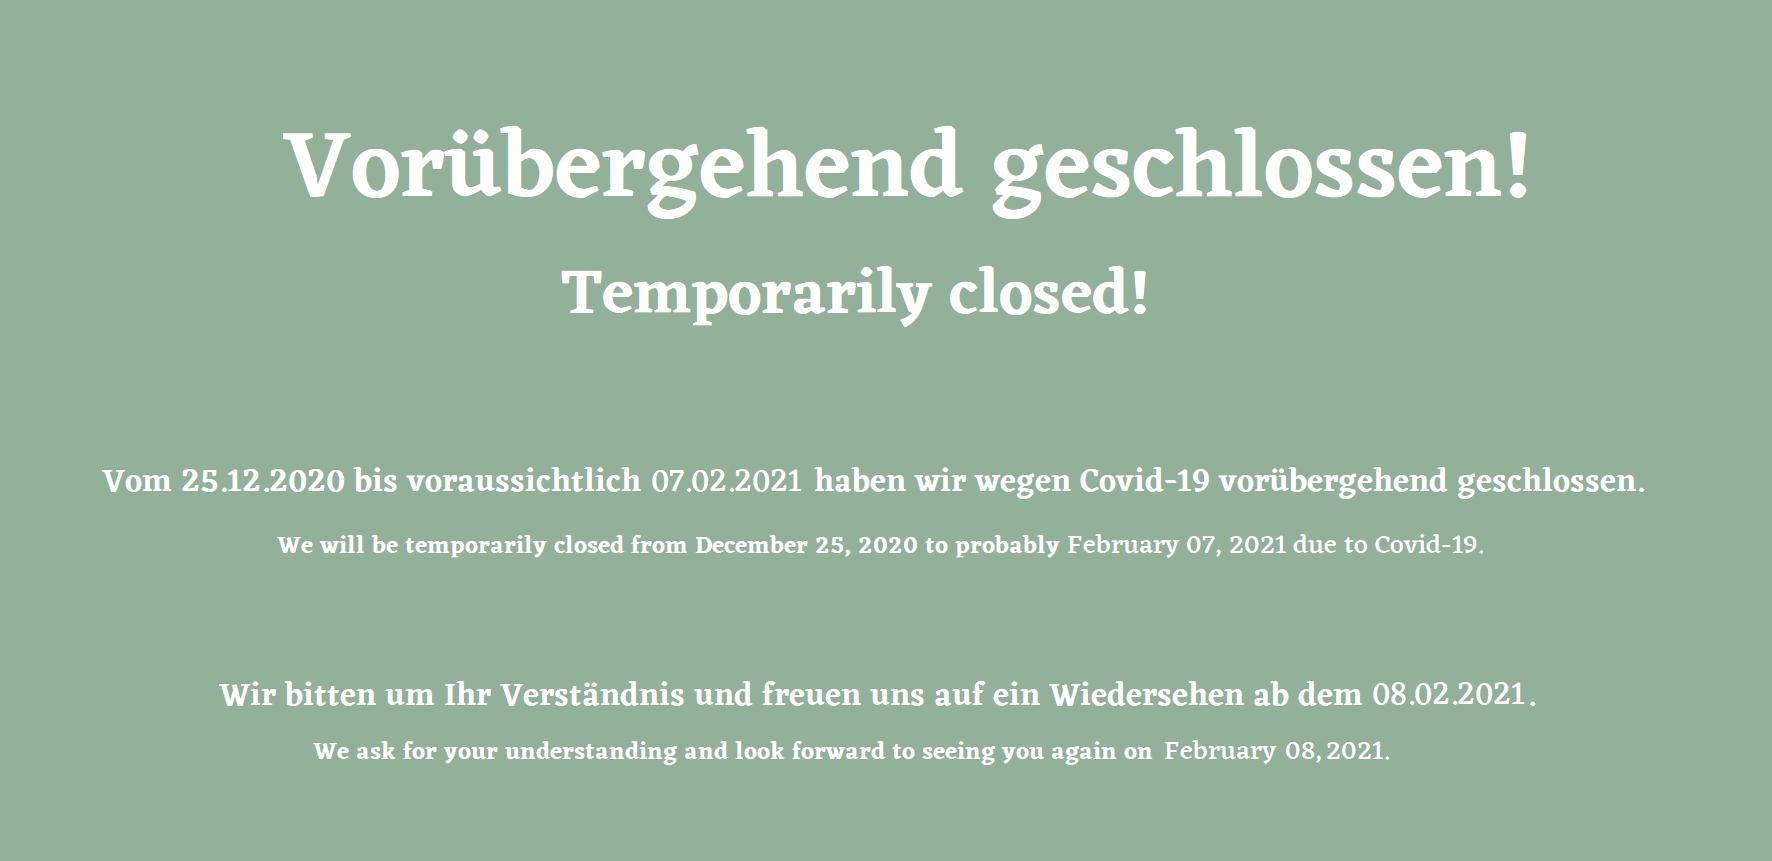 Vorübergehend bis 07.02.2021 geschlossen. Closed until February 7, 2021.